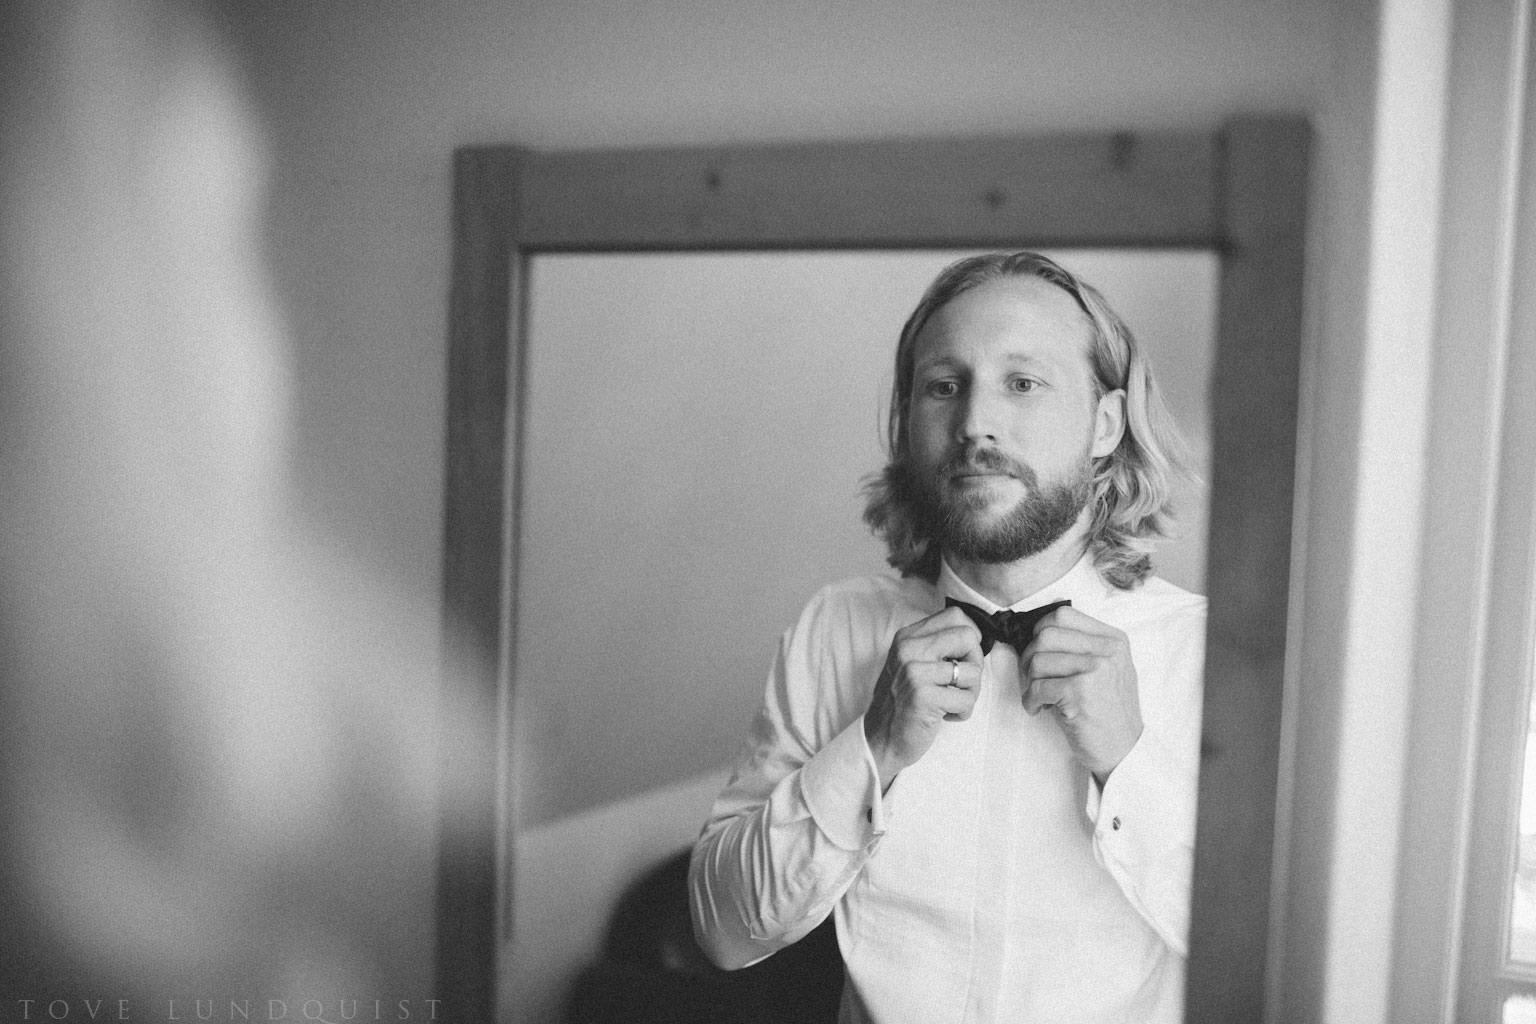 Förberedelser av brudgum på Örum 119 - Kafferosteriet på Österlen. Brudgummen har kläder från Oscar Jacobson. Foto: Tove Lundquist, verksam bröllopsfotograf i Skåne.